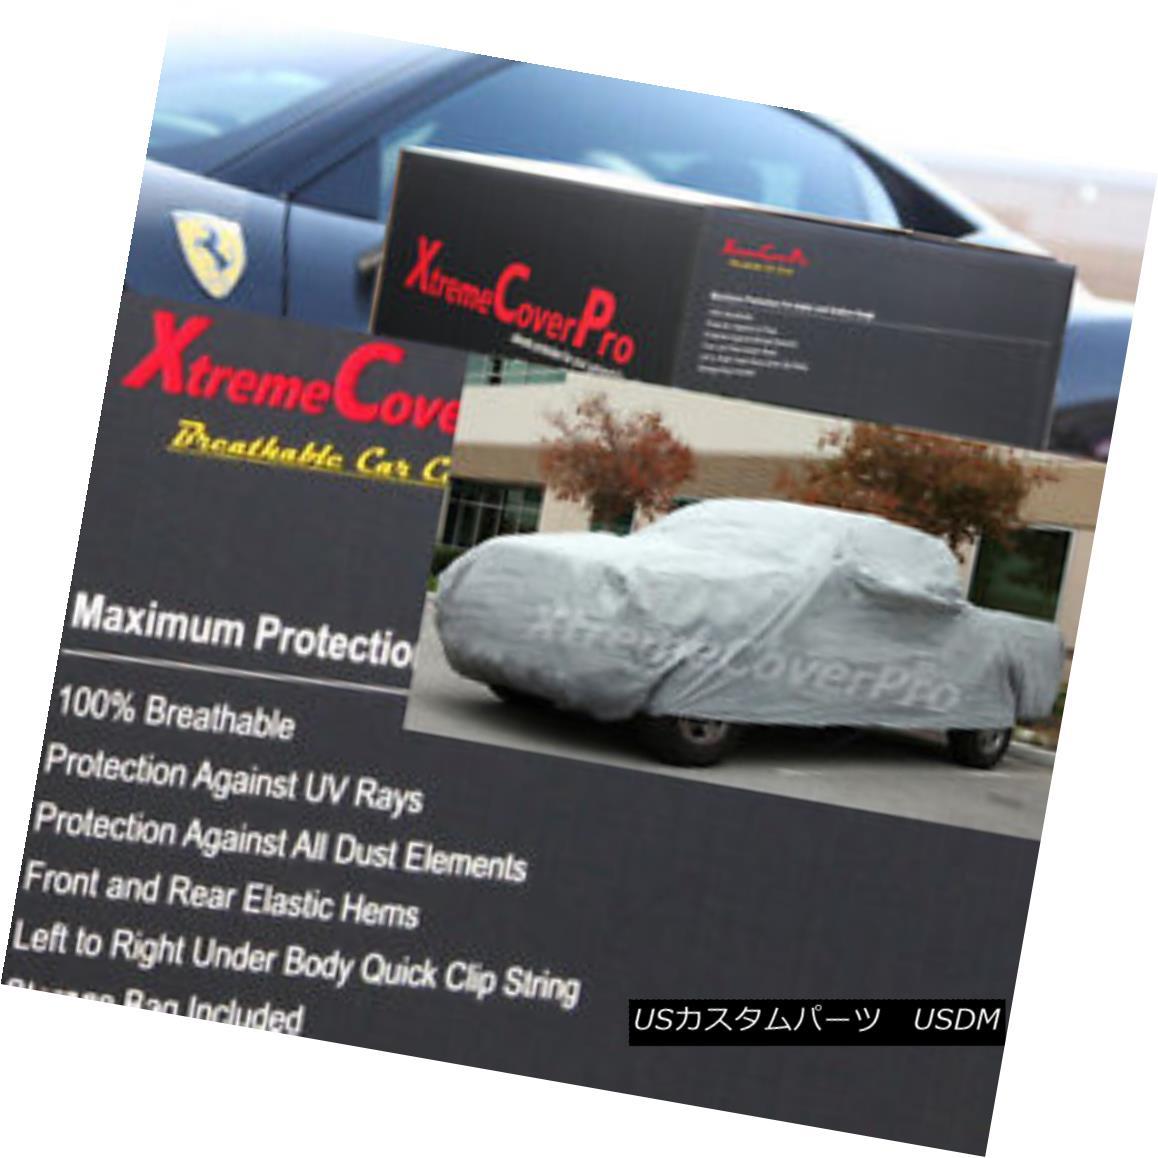 カーカバー 2013 Dodge RAM 1500 Crew Cab 6.4ft Box Breathable Car Cover 2013ダッジRAM 1500クルーキャブ6.4ftボックス通気性の車カバー